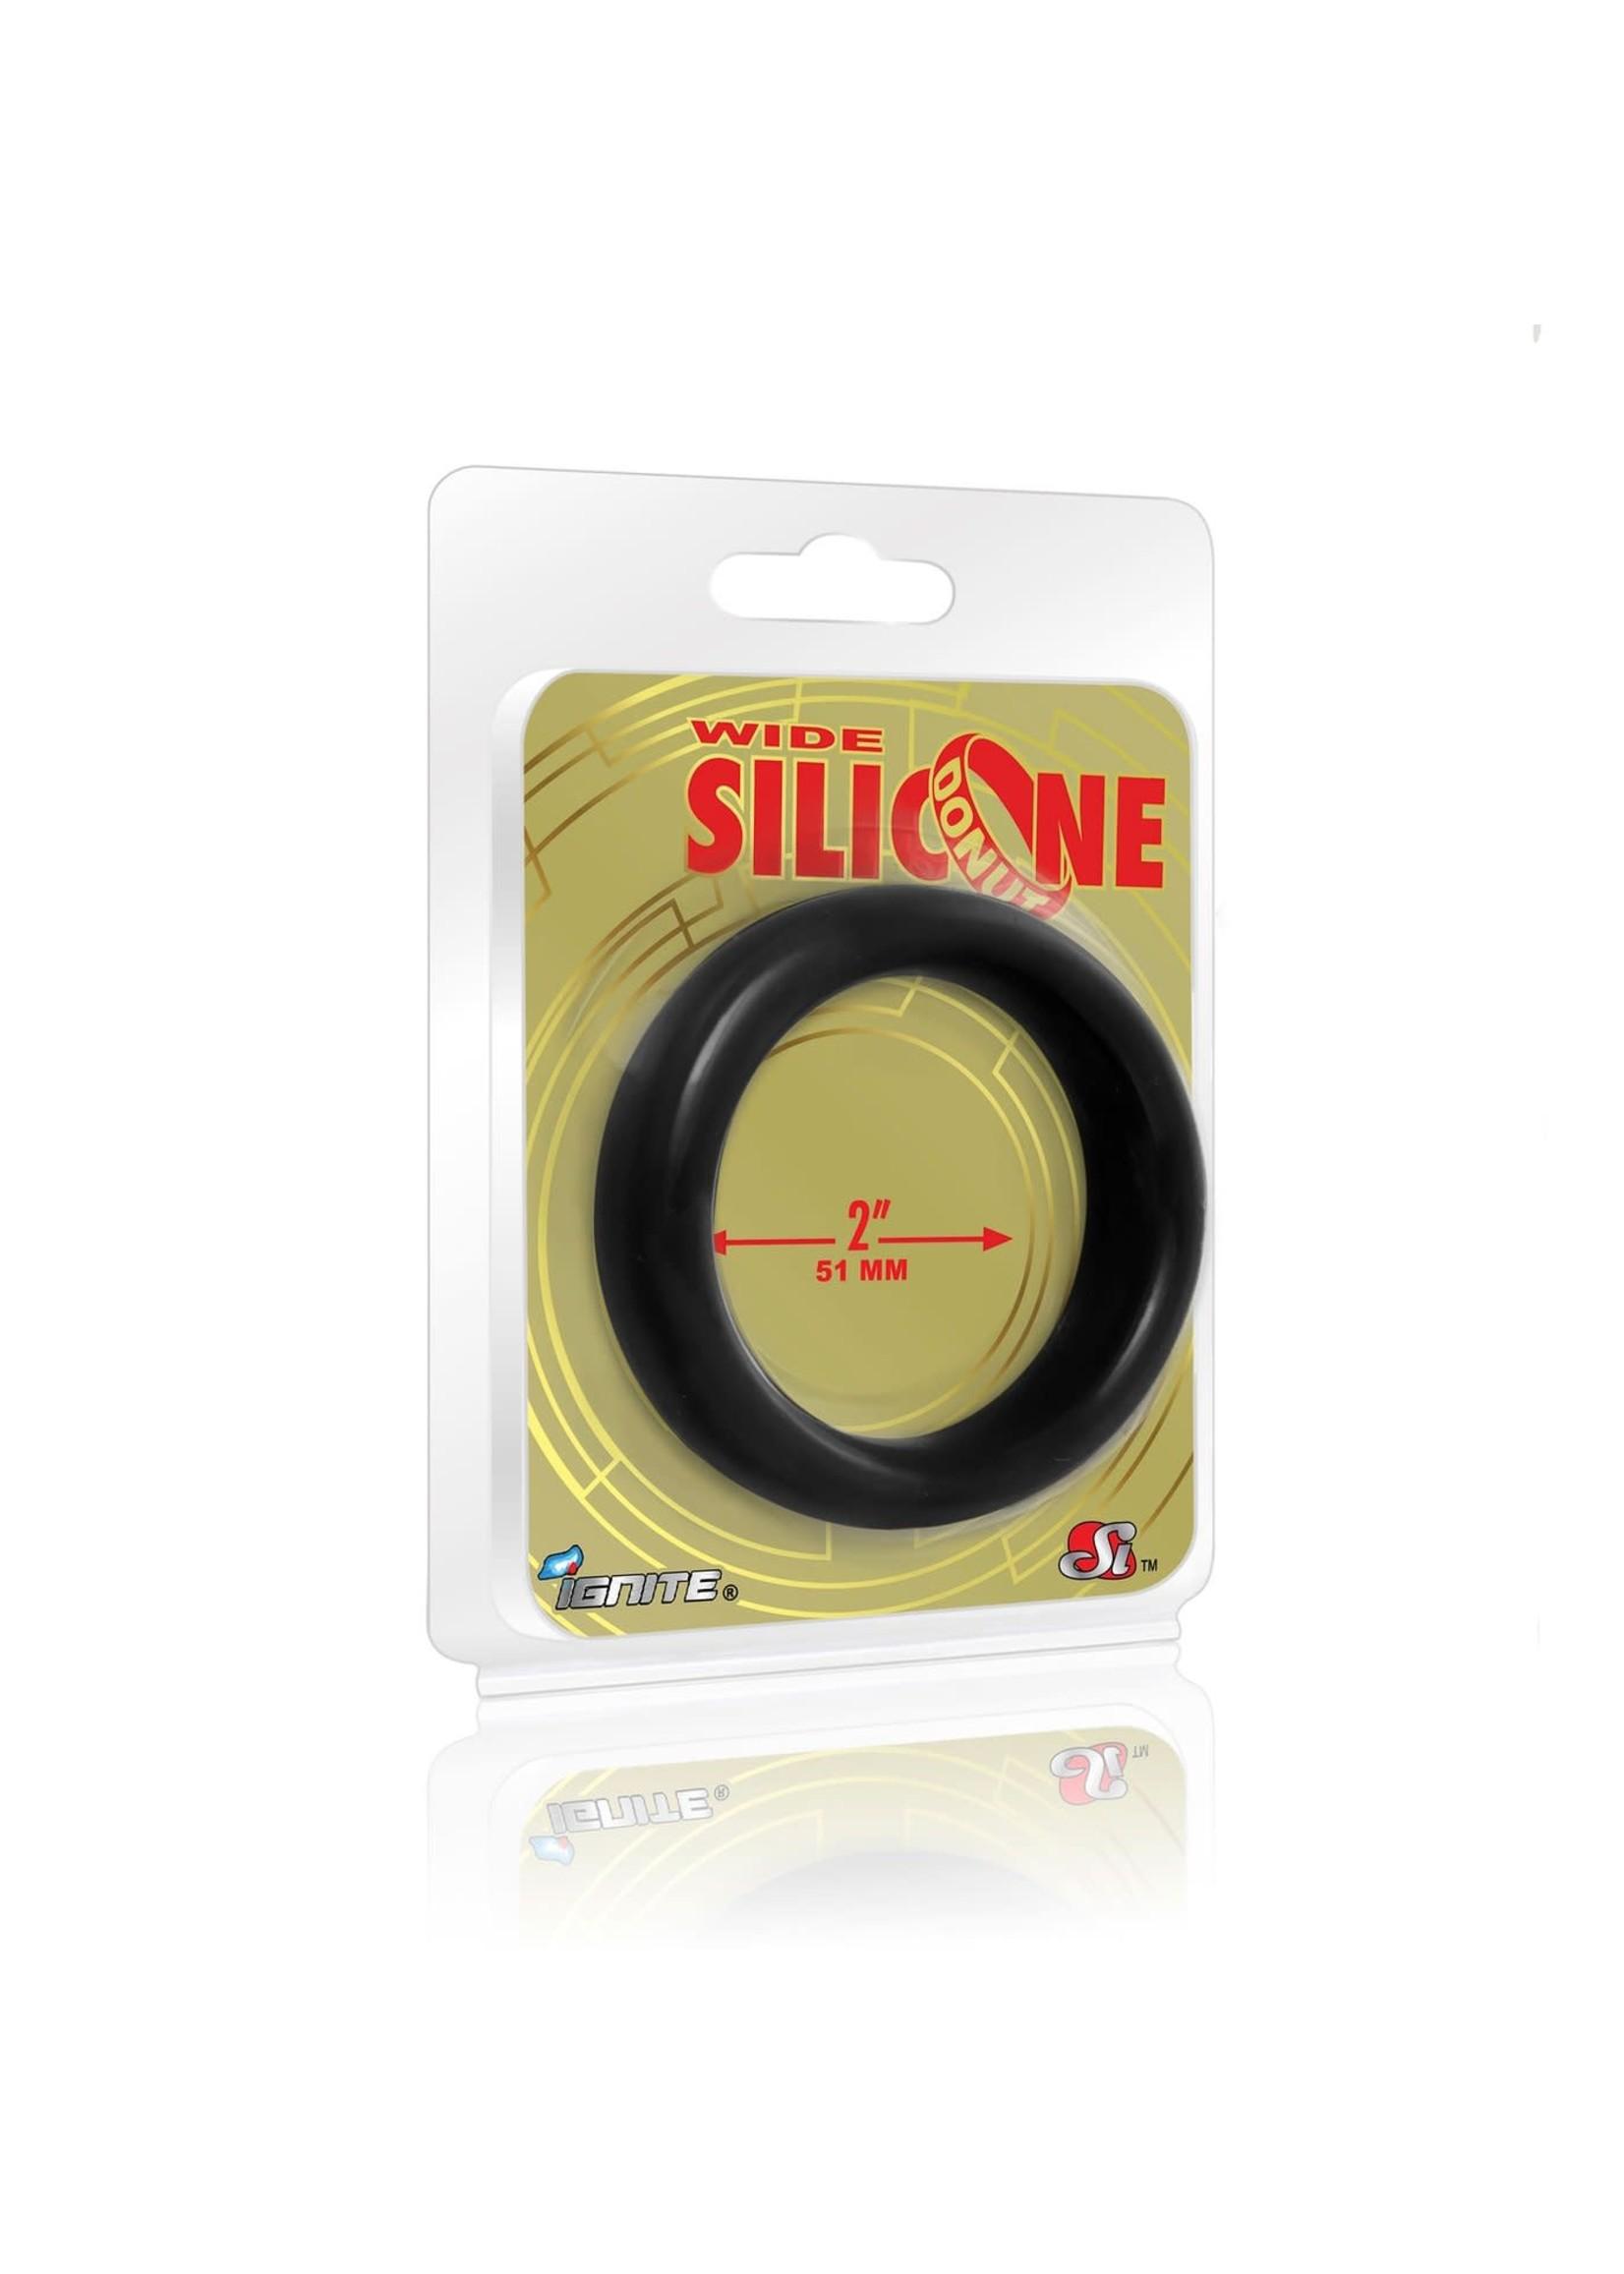 Ignite Ignite Wide Silicone Donut